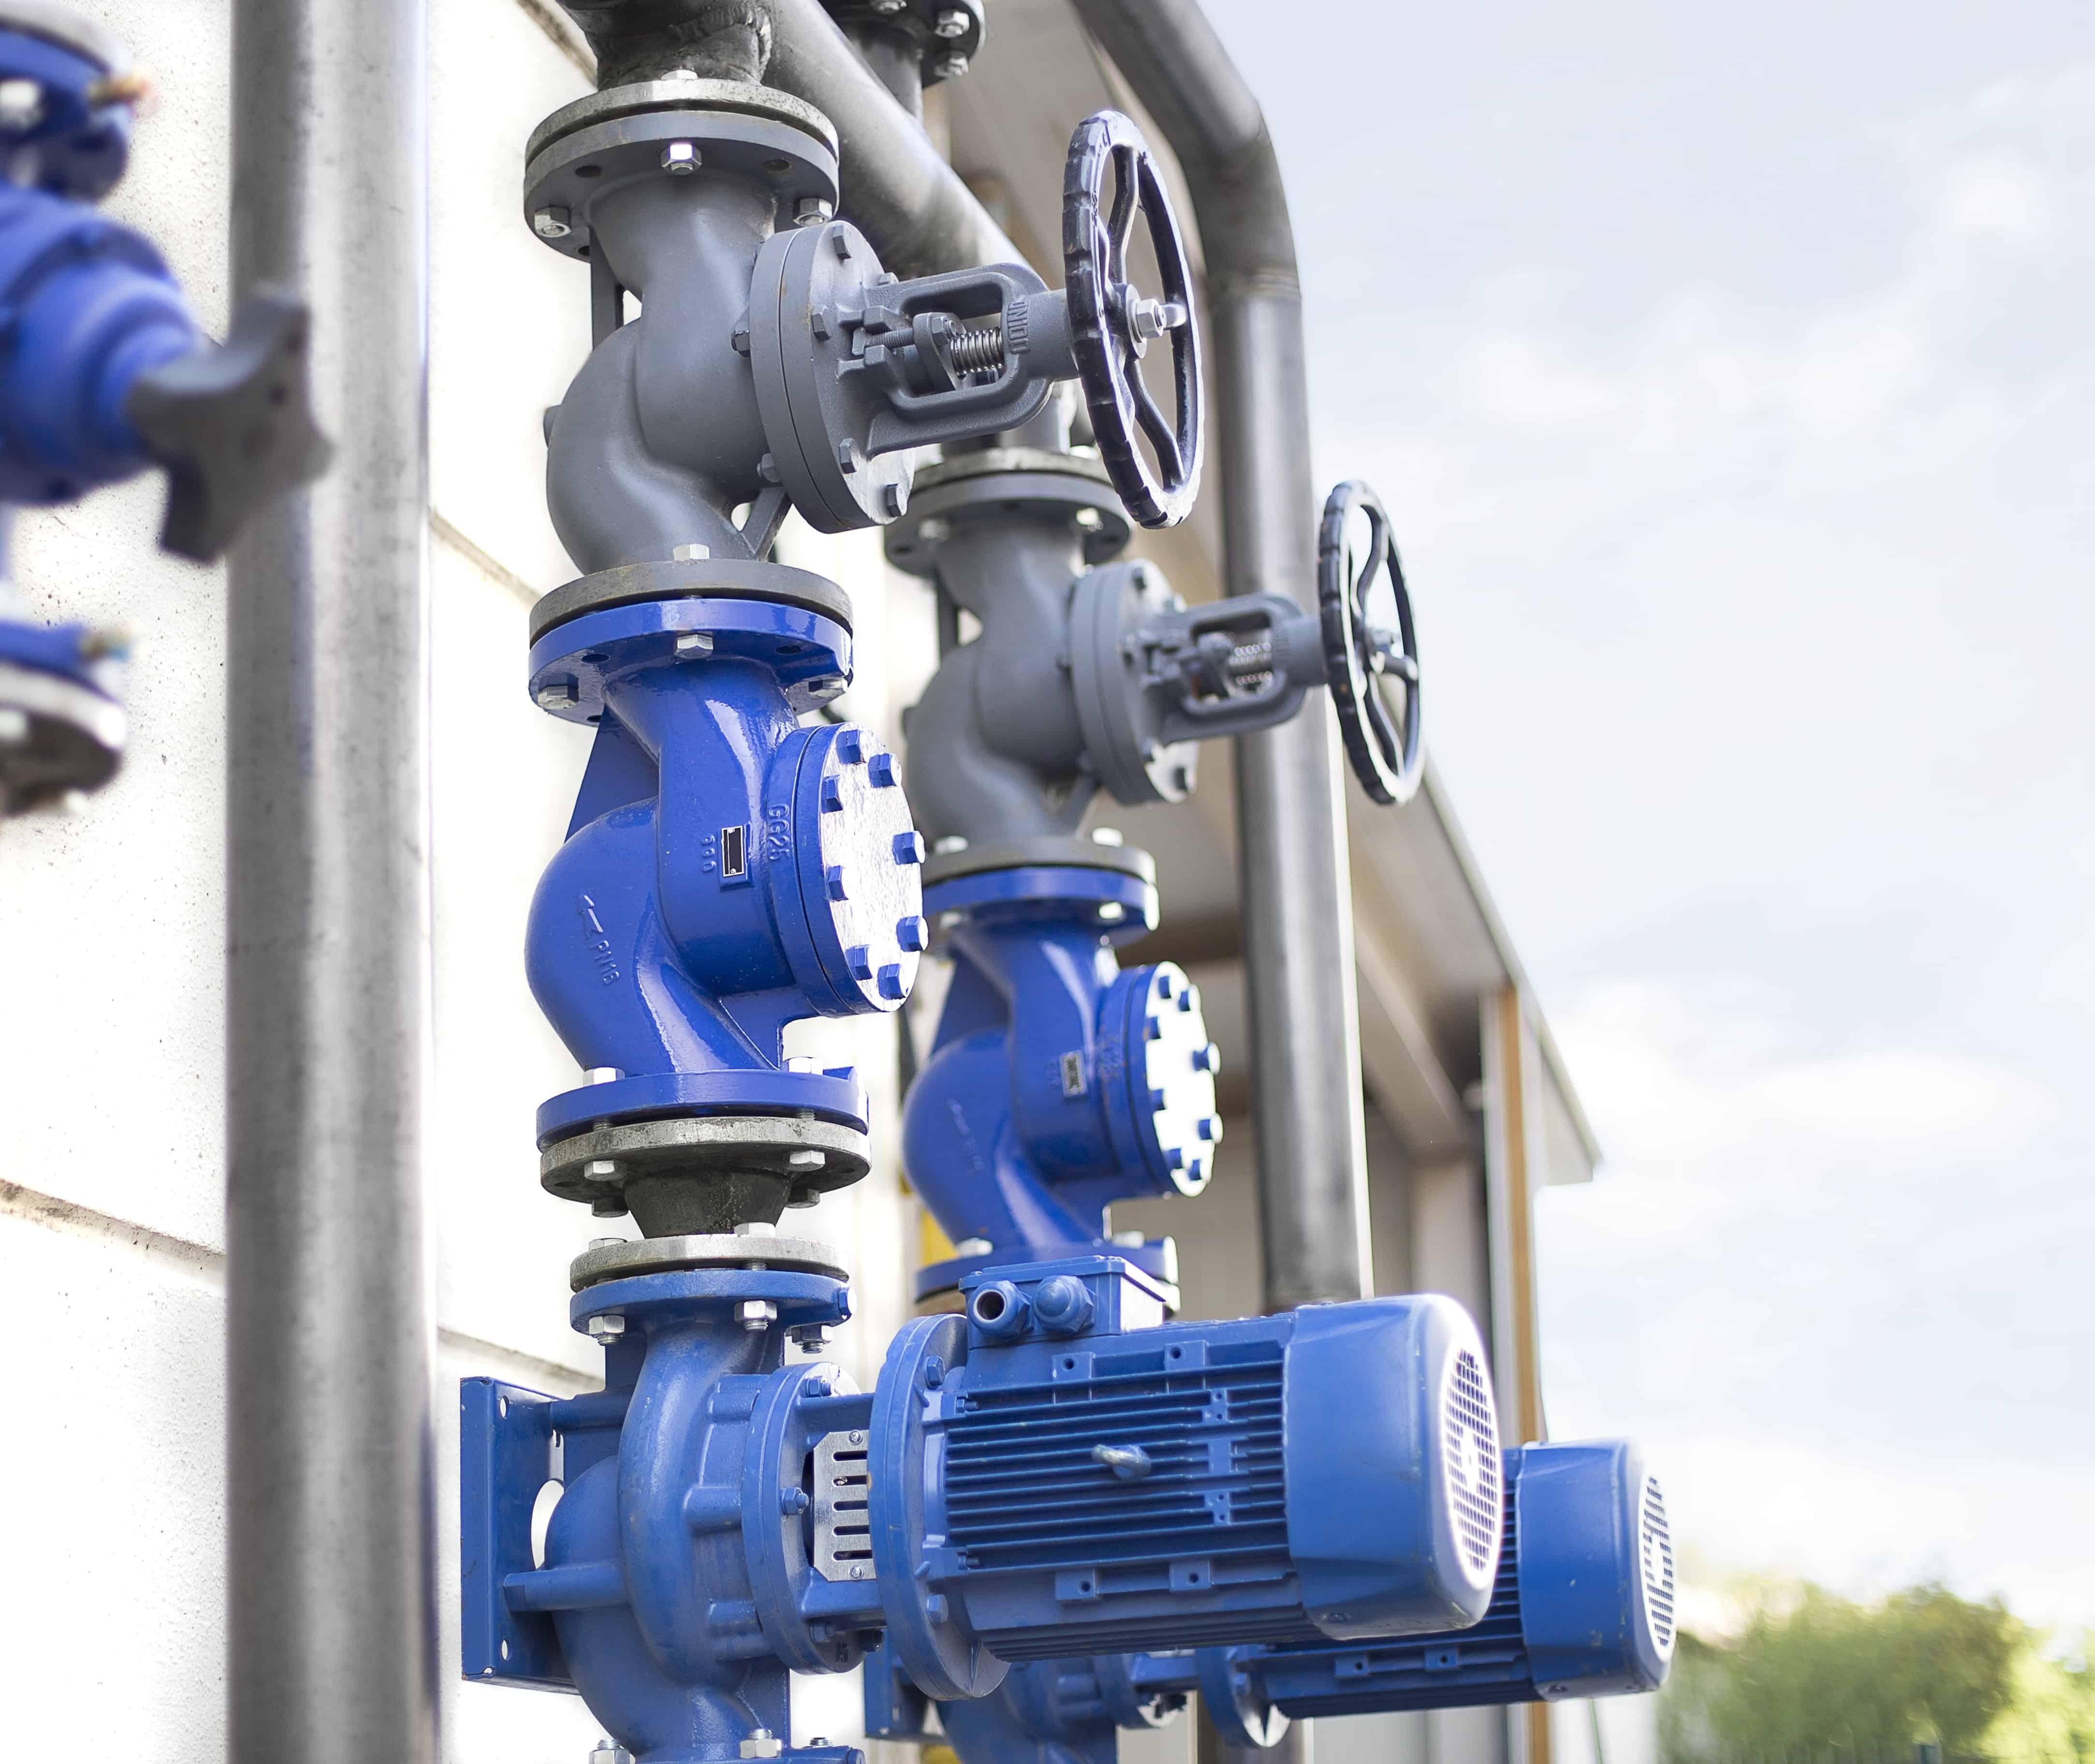 Krytox Gpl 103 General Purpose Lubricants Pfpe Based Oil